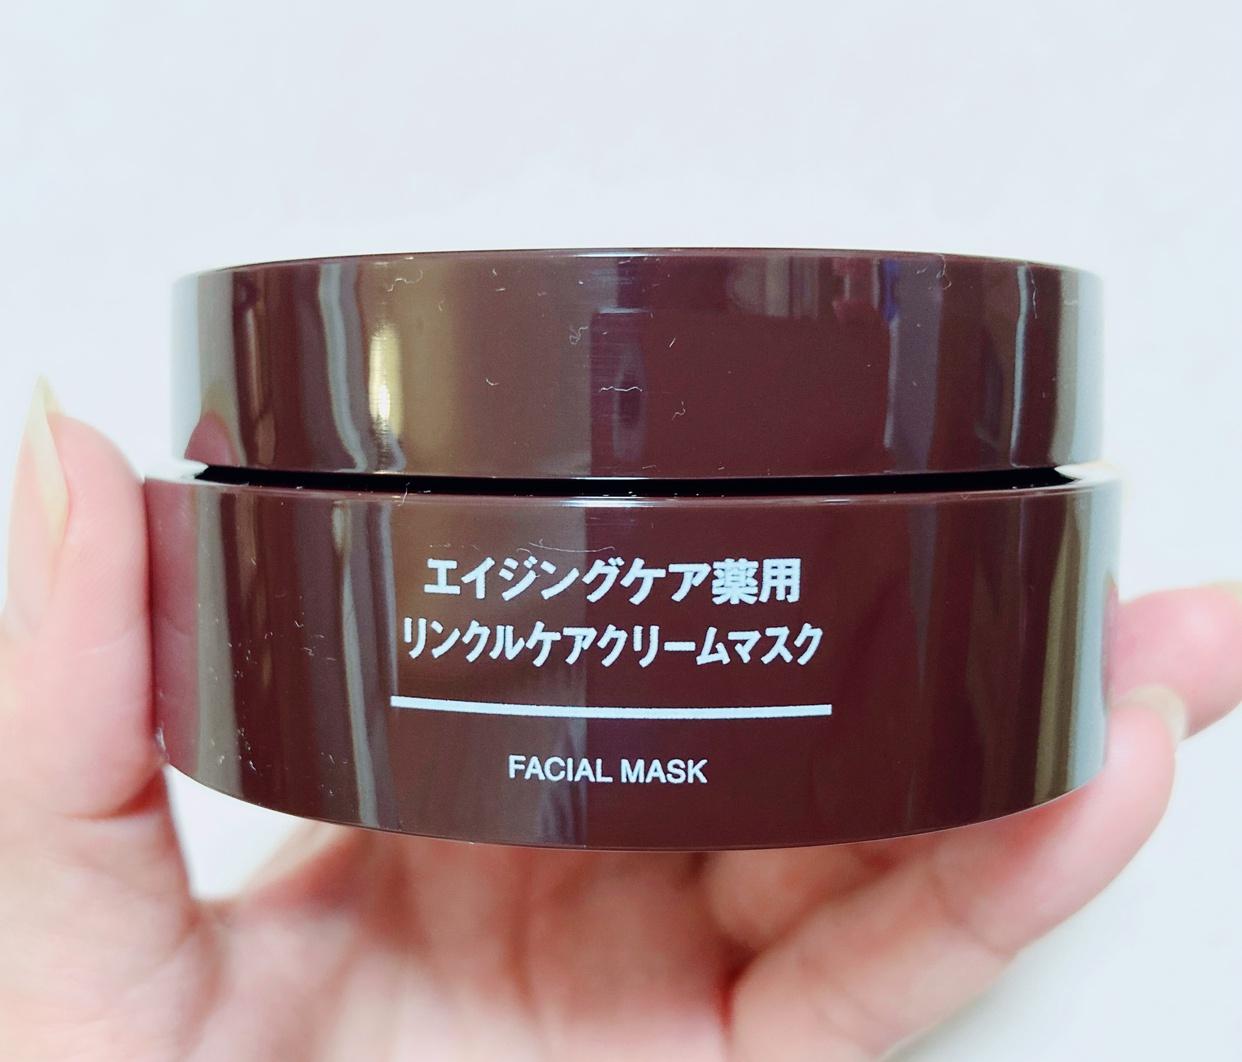 無印良品(MUJI) エイジングケア 薬用リンクルケアクリームマスクを使ったnami *さんのクチコミ画像1